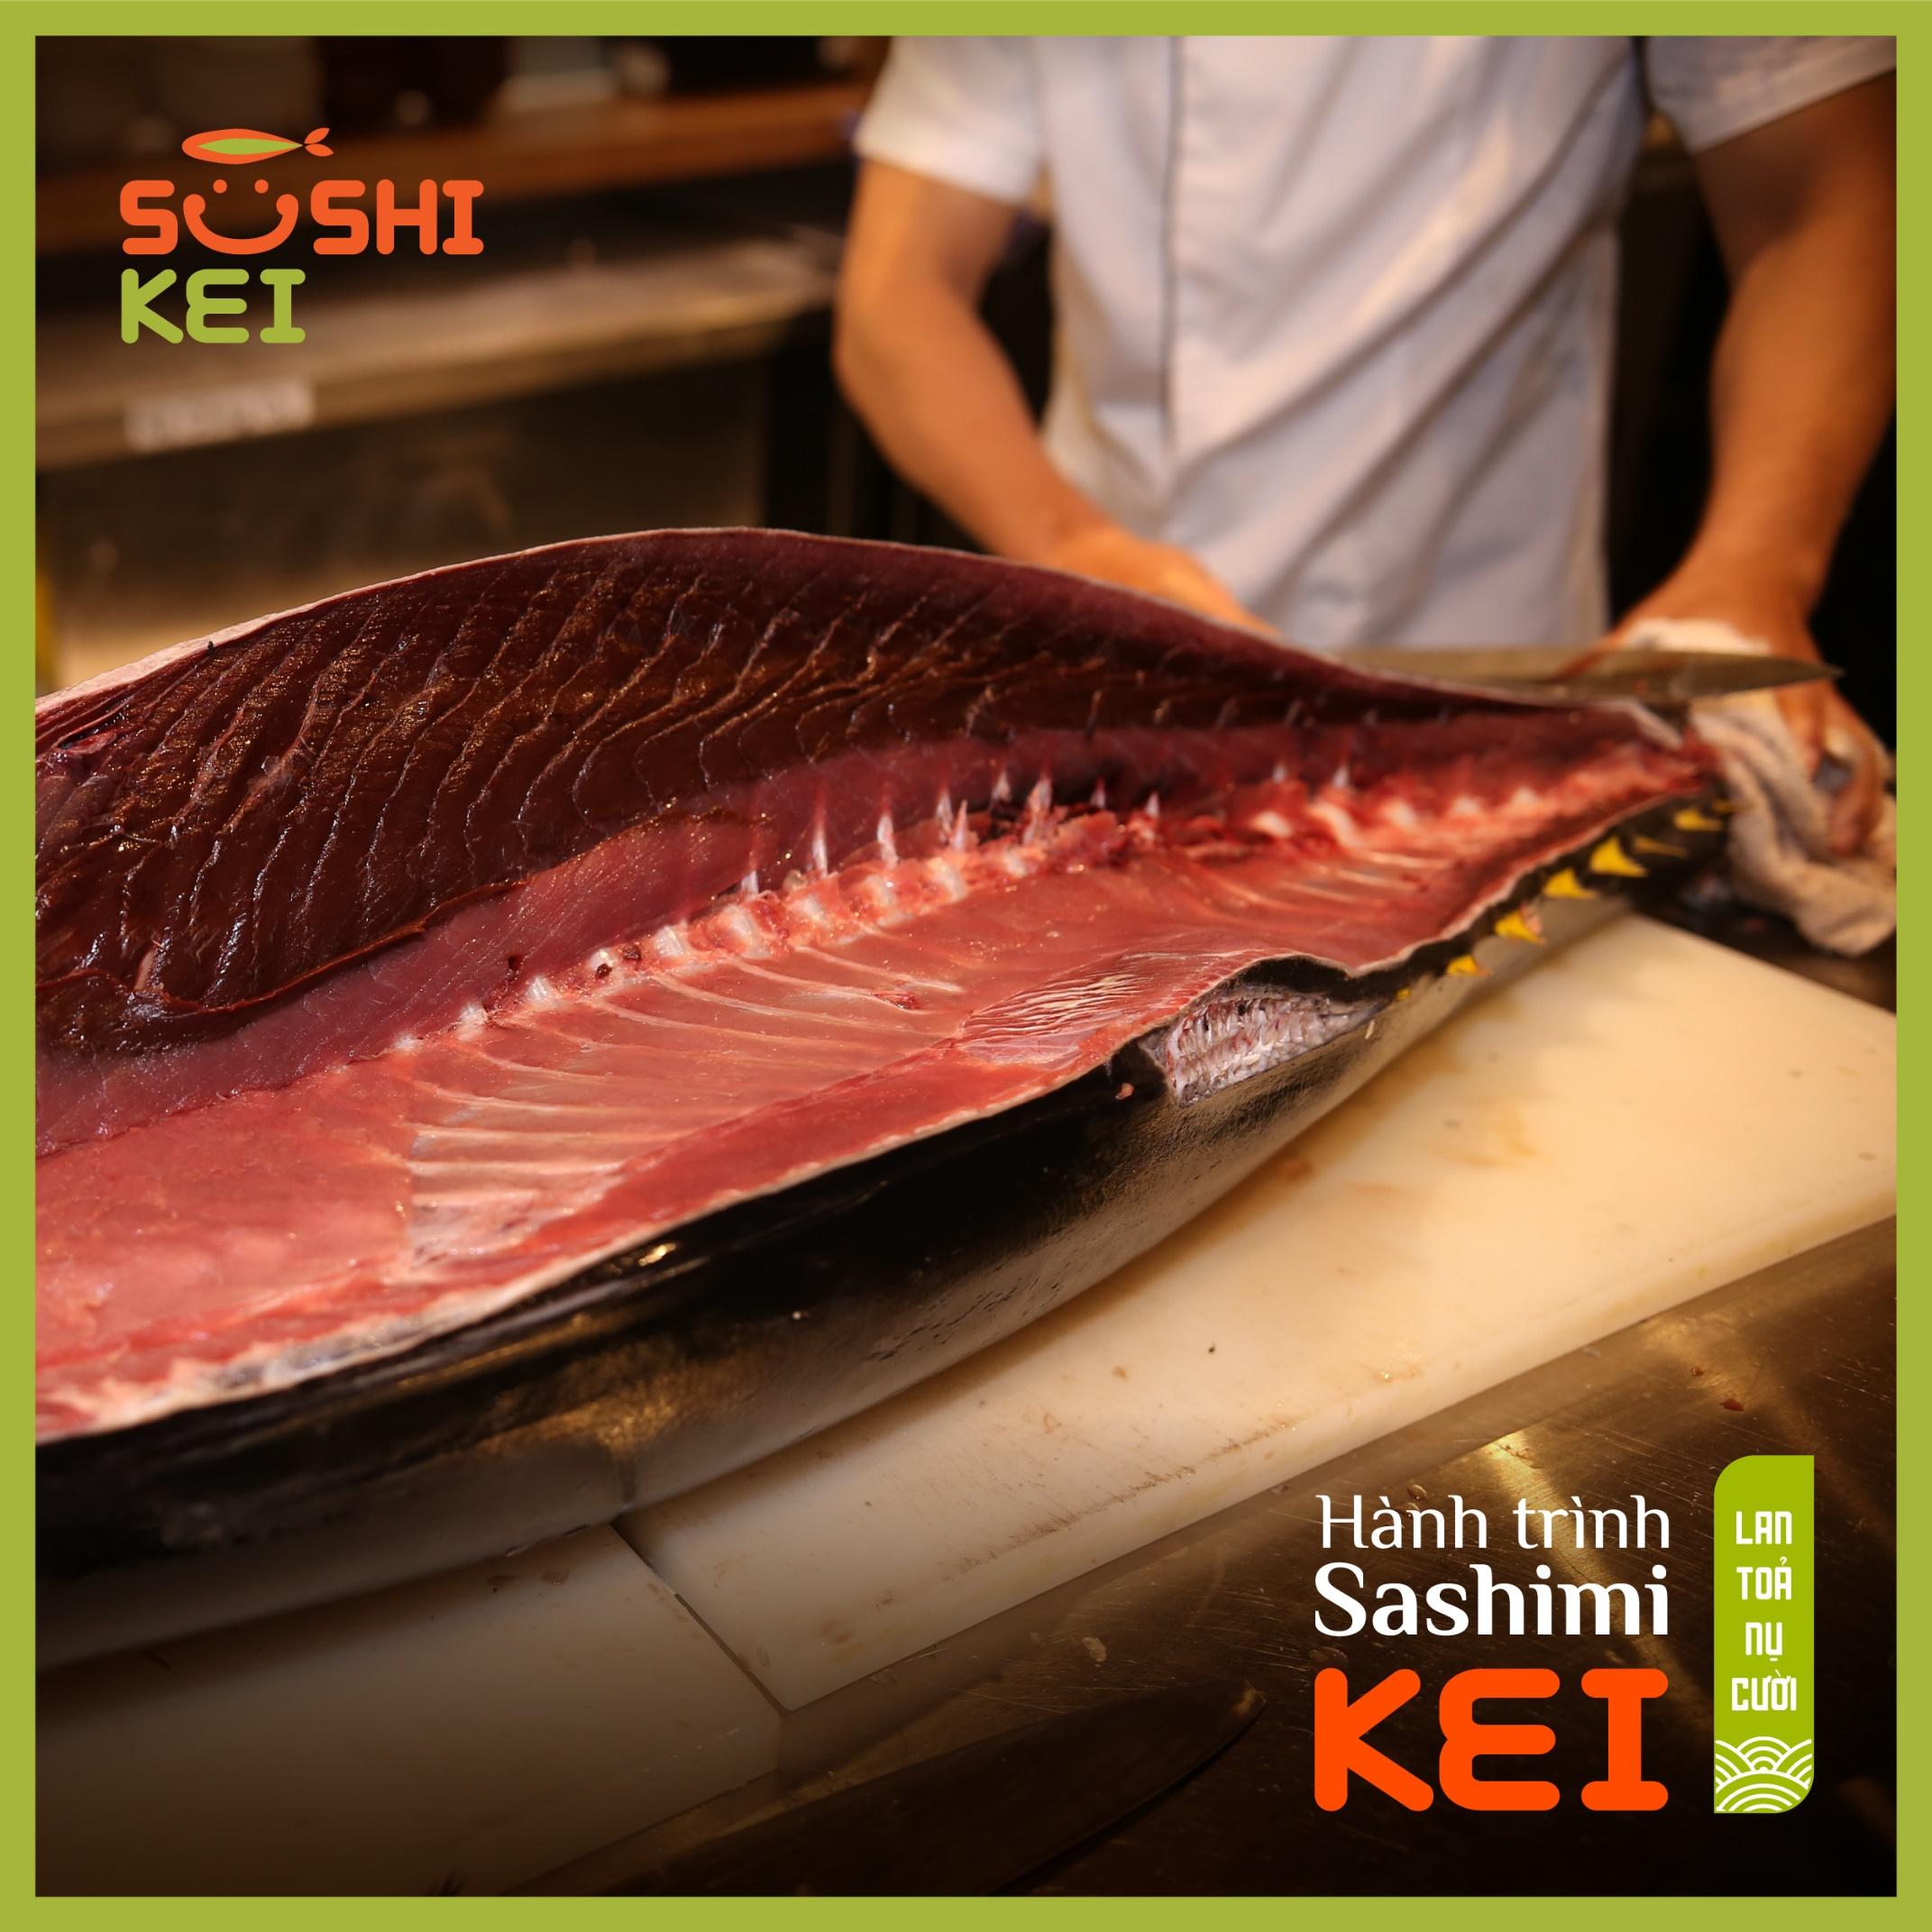 Kinh ngạc với cá ngừ khổng lồ 80kg cùng màn trình diễn chế biến chuyên nghiệp ngay tại nhà hàng Nhật - Sushi Kei - Ảnh 2.